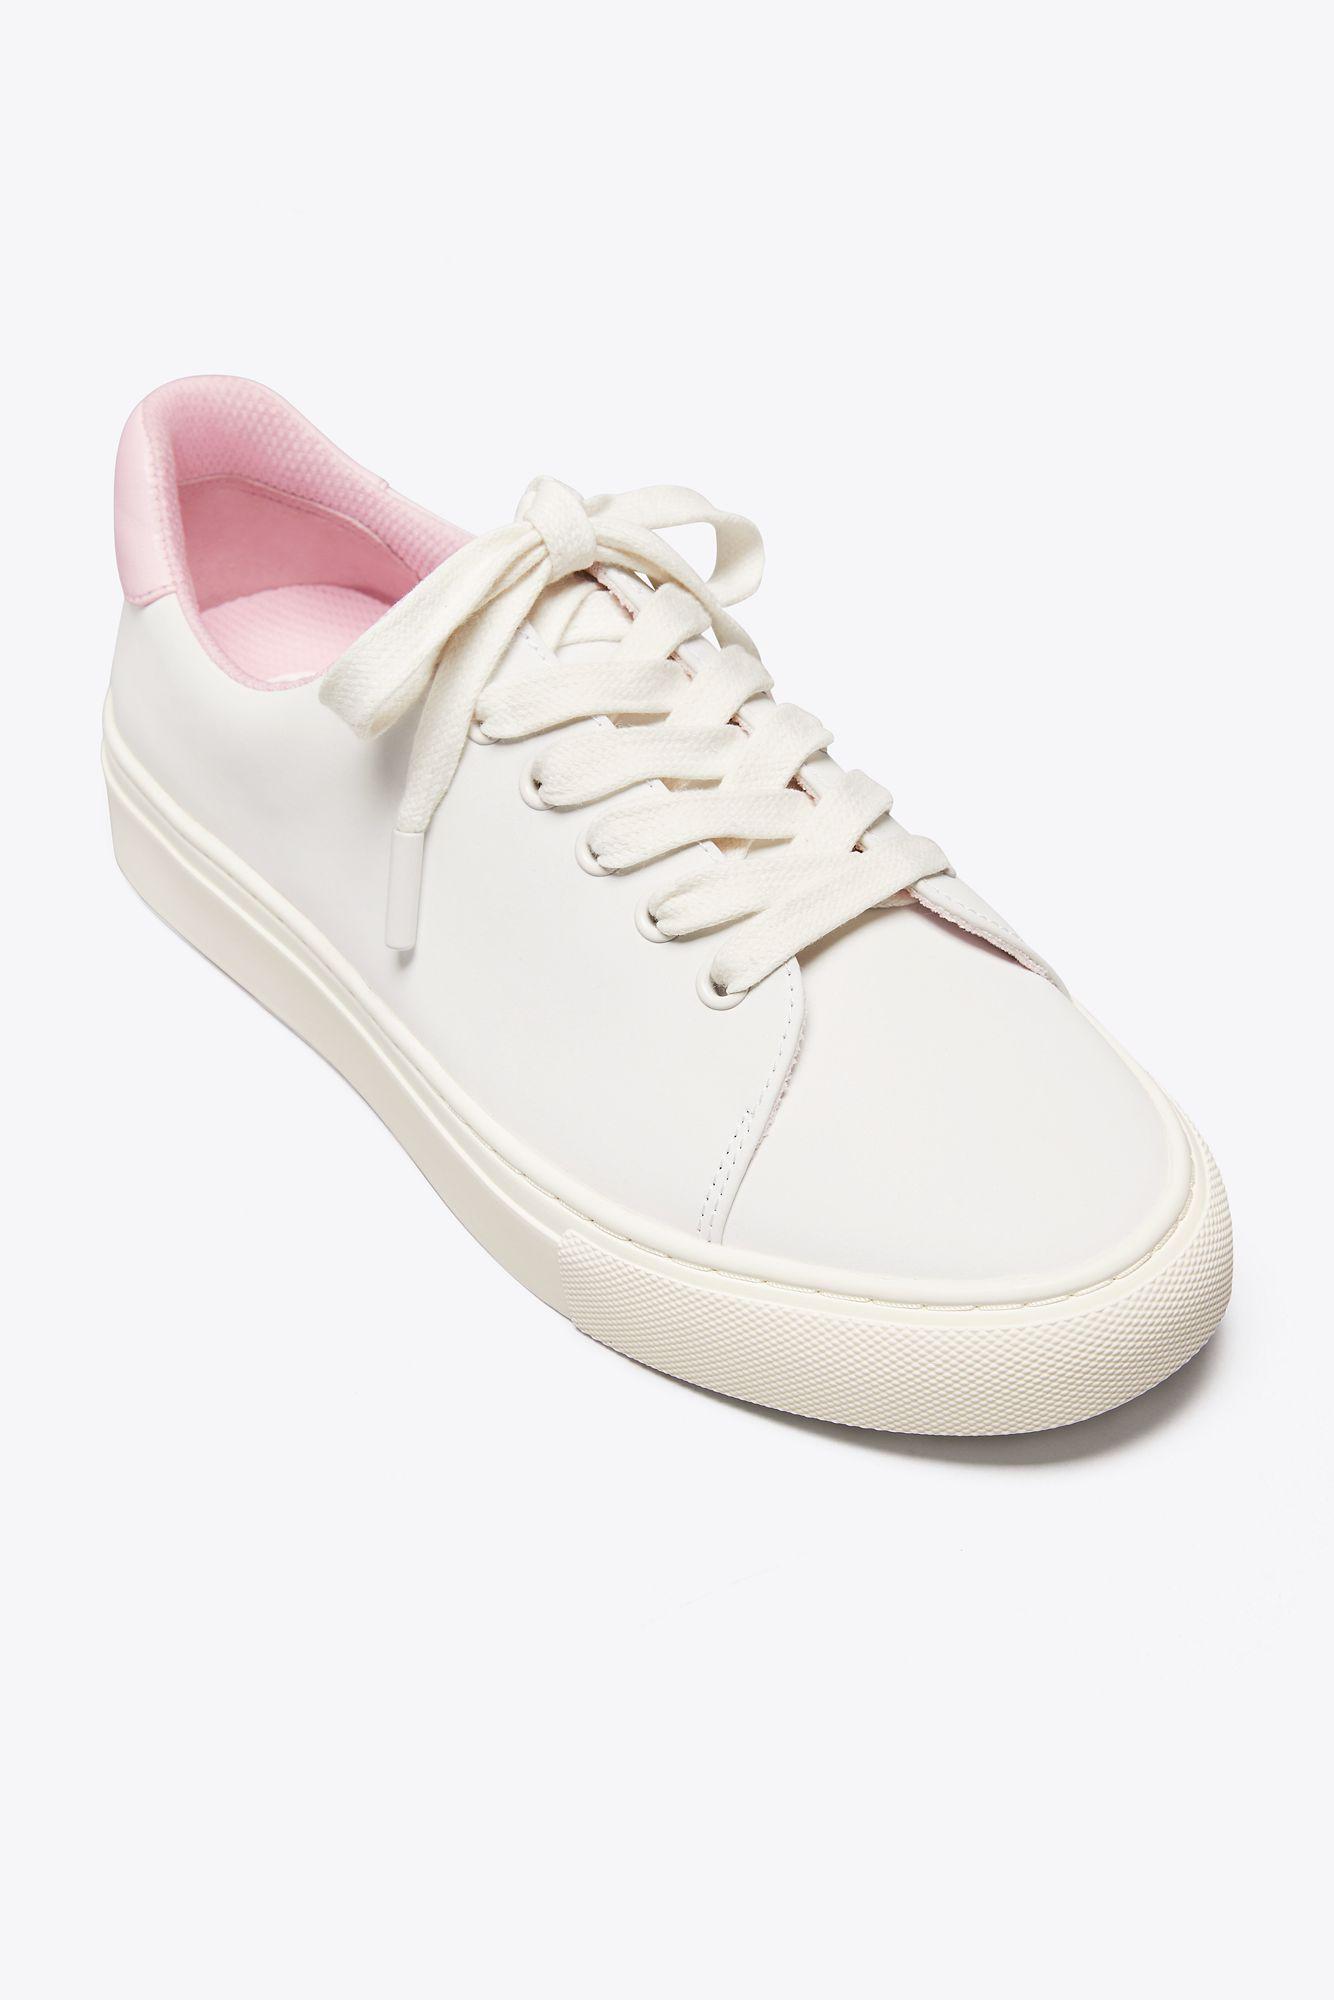 5f0911427cd8 Lyst - Tory Sport Reflective Sneaker